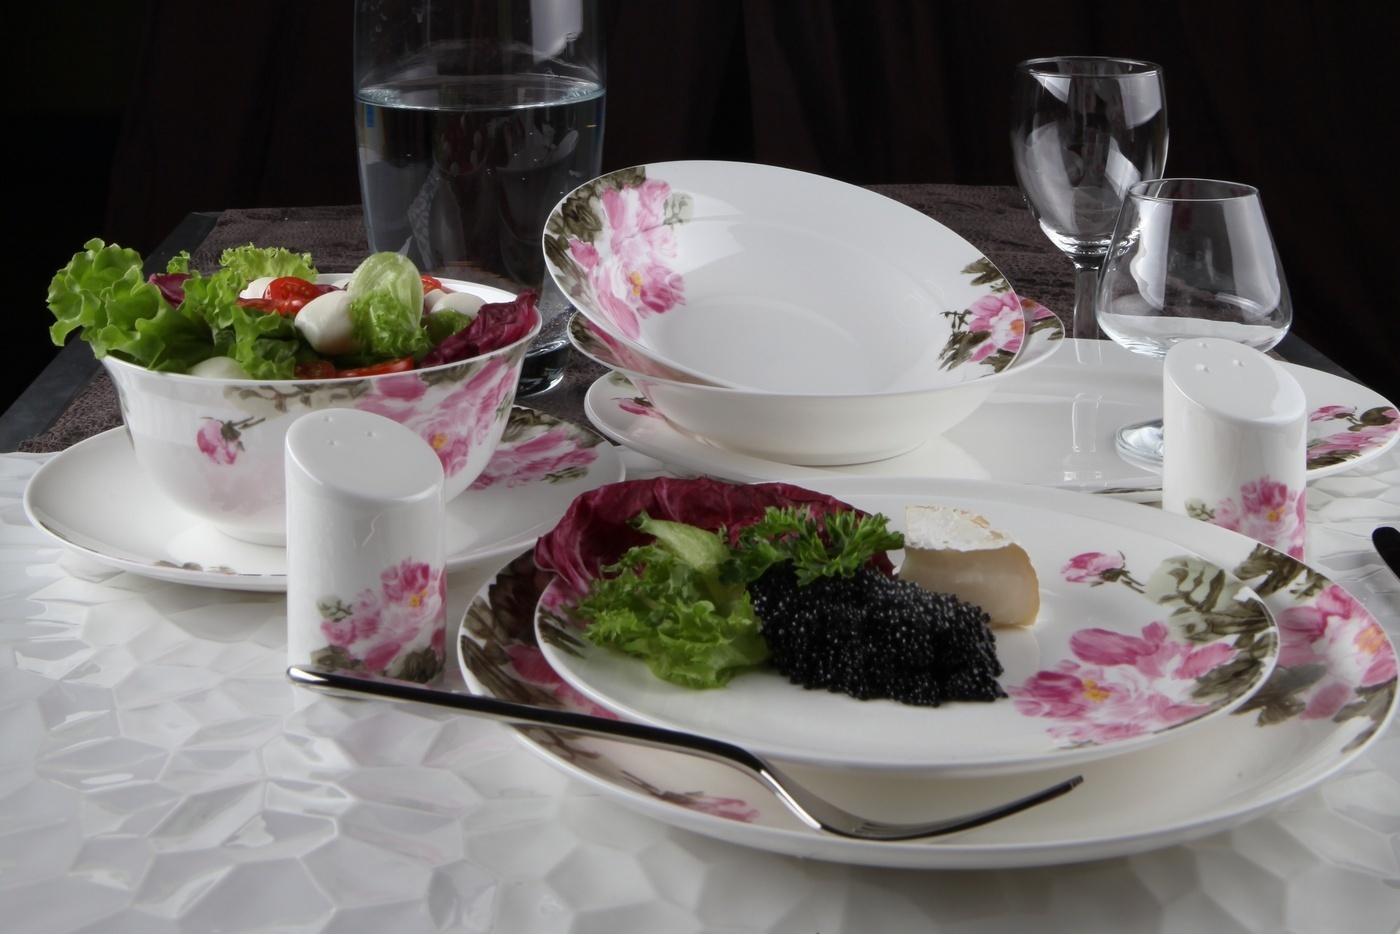 Столовый сервиз Royal Aurel Дикая роза арт.440, 27 предметовСтоловые сервизы<br>Столовый сервиз Royal Aurel Дикая роза арт.440, 27 предметов<br><br><br><br><br><br><br><br><br><br><br><br>Тарелка плоская 25 см, 6 шт.<br>Тарелка плоская 20 см, 6 шт.<br>Тарелка суповая 19,5 см, 6 шт.<br>Салатник 15 см, 6 шт.<br><br><br><br><br><br><br><br><br>Блюдо овальное 31см<br>Солонка и перечница<br><br><br><br><br><br><br><br>Производить посуду из фарфора начали в Китае на стыке 6-7 веков. Неустанно совершенствуя и селективно отбирая сырье для производства посуды из фарфора, мастерам удалось добиться выдающихся характеристик фарфора: белизны и тонкостенности. В XV веке появился особый интерес к китайской фарфоровой посуде, так как в это время Европе возникла мода на самобытные китайские вещи. Роскошный китайский фарфор являлся изыском и был в новинку, поэтому он выступал в качестве подарка королям, а также знатным людям. Такой дорогой подарок был очень престижен и по праву являлся элитной посудой. Как известно из многочисленных исторических документов, в Европе китайские изделия из фарфора ценились практически как золото. <br>Проверка изделий из костяного фарфора на подлинность <br>По сравнению с производством других видов фарфора процесс производства изделий из настоящего костяного фарфора сложен и весьма длителен. Посуда из изящного фарфора - это элитная посуда, которая всегда ассоциируется с богатством, величием и благородством. Несмотря на небольшую толщину, фарфоровая посуда - это очень прочное изделие. Для демонстрации плотности и прочности фарфора можно легко коснуться предметов посуды из фарфора деревянной палочкой, и тогда мы услушим характерный металлический звон. В составе фарфоровой посуды присутствует костяная зола, благодаря чему она может быть намного тоньше (не более 2,5 мм) и легче твердого или мягкого фарфора. Безупречная белизна - ключевой признак отличия такого фарфора от других. Цвет обычного фарфора сероватый или ближе к голубоватому, а костяной фарфор буде